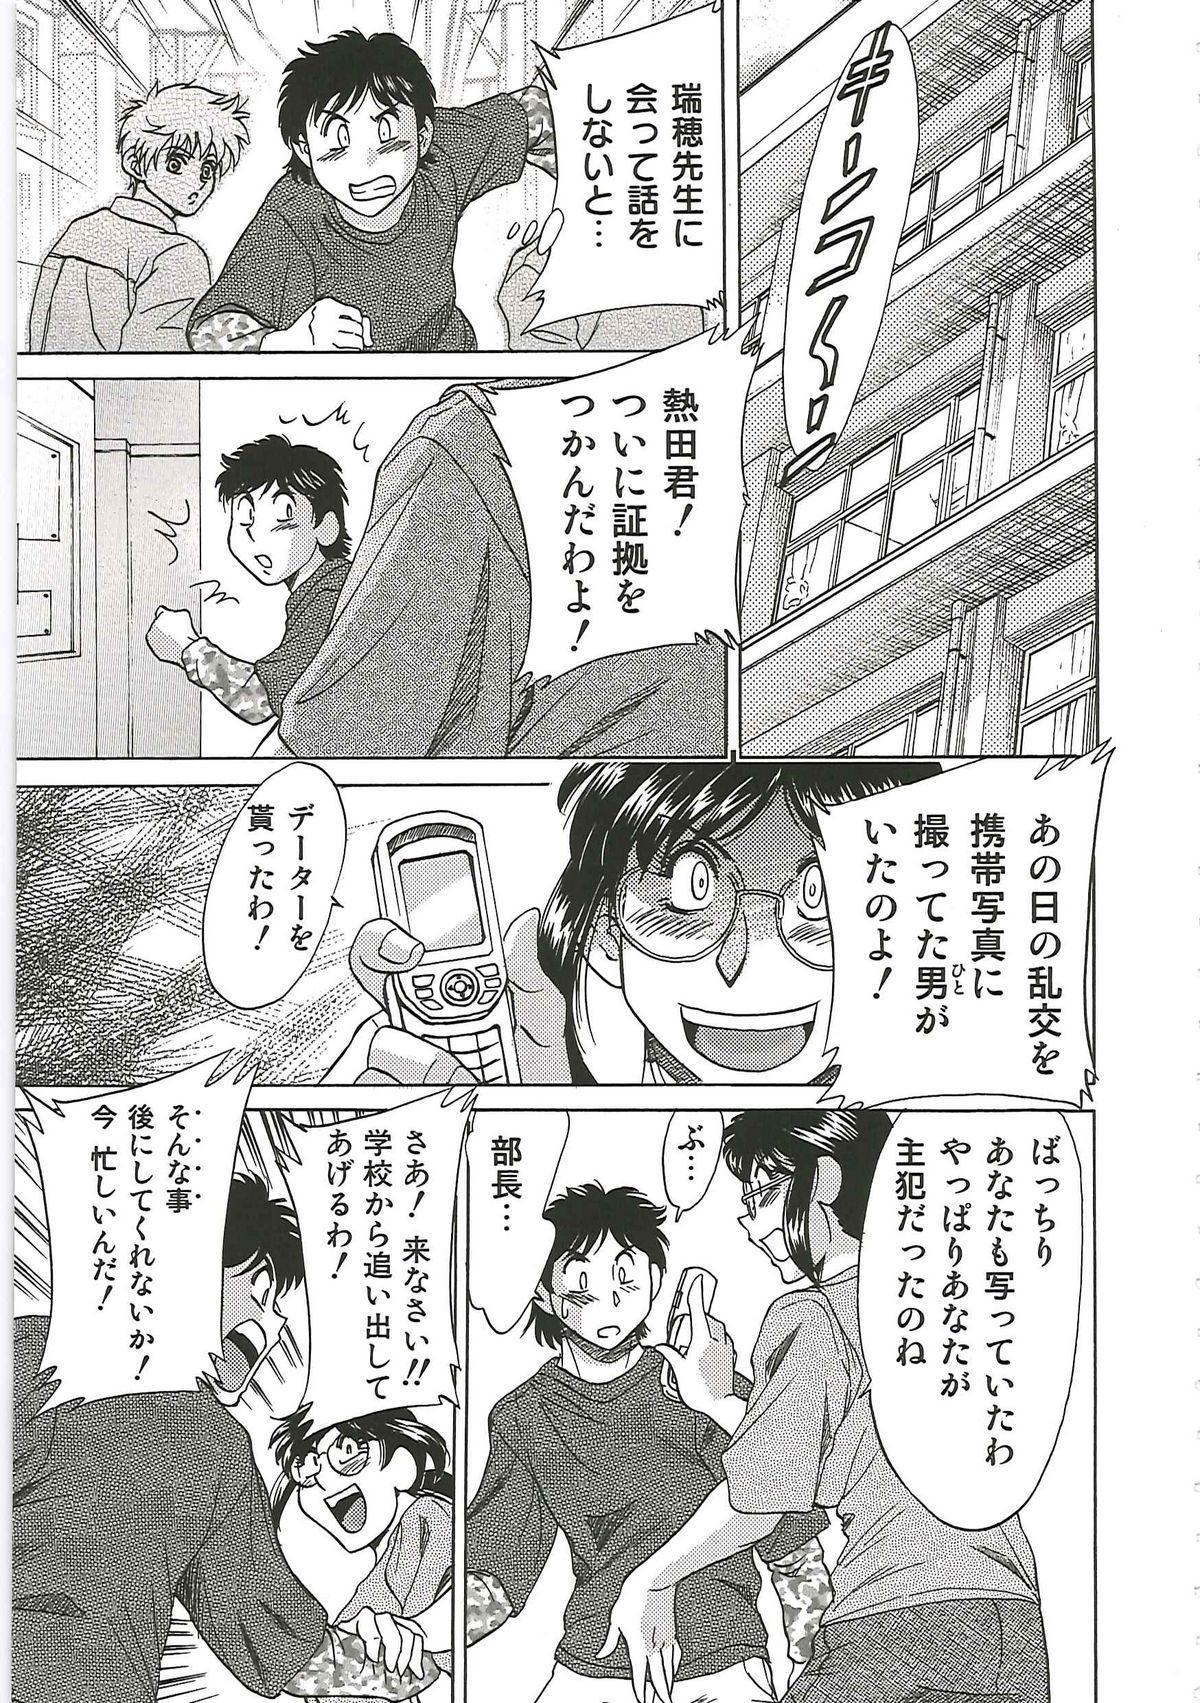 [Chanpon Miyabi] Cho-Onesan Tengoku 6 -Tenrakuhen- 146